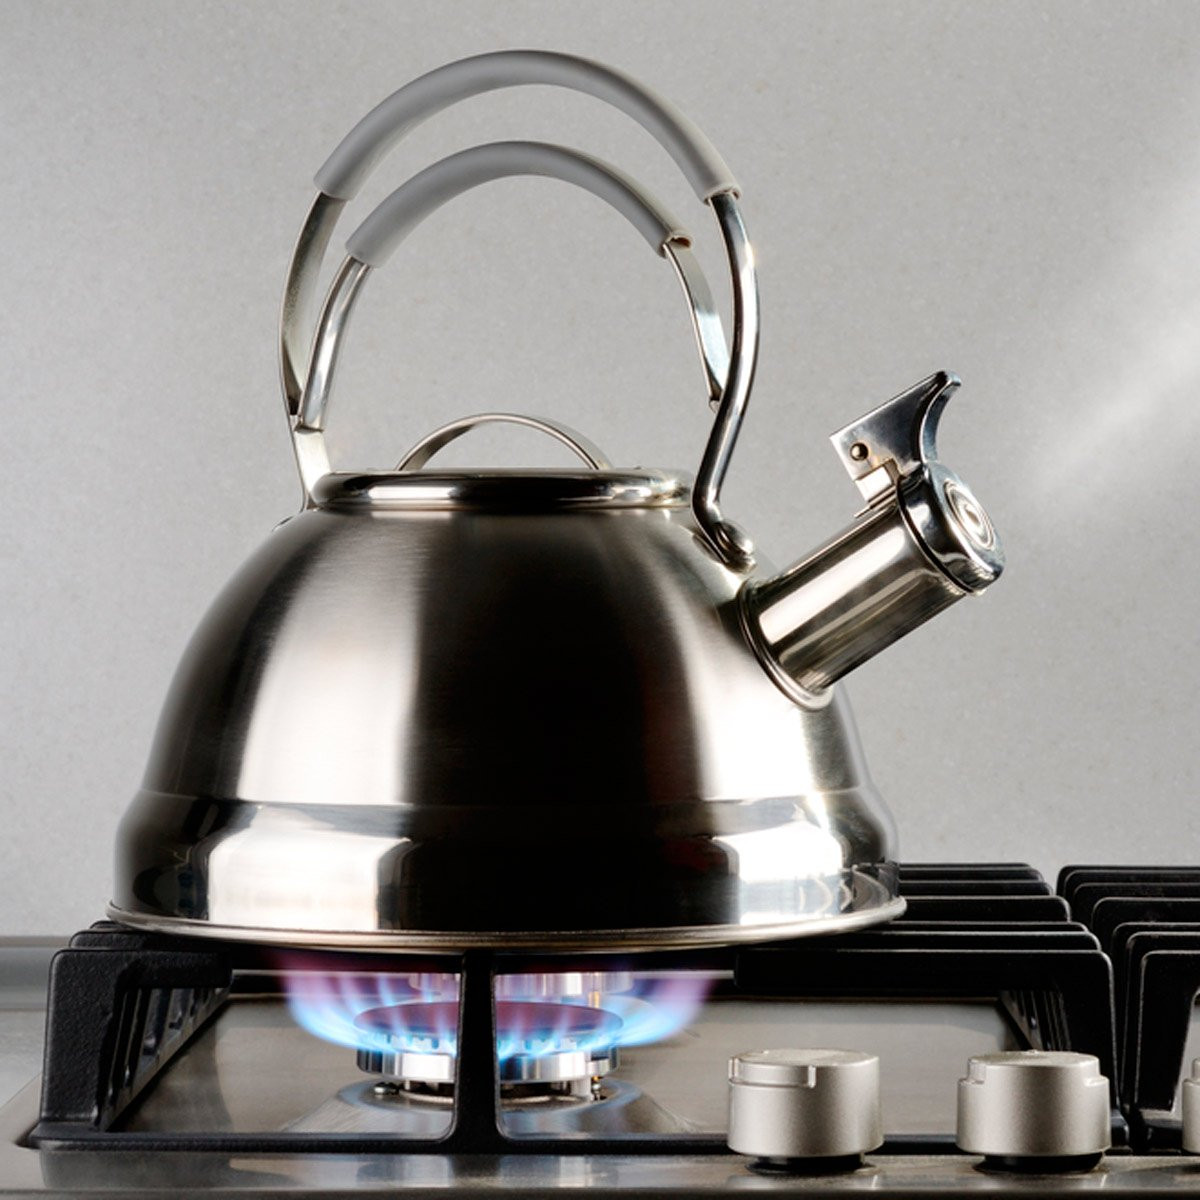 أفكار لتدفئة البيت - تسخين ماء في إبريق الشاي